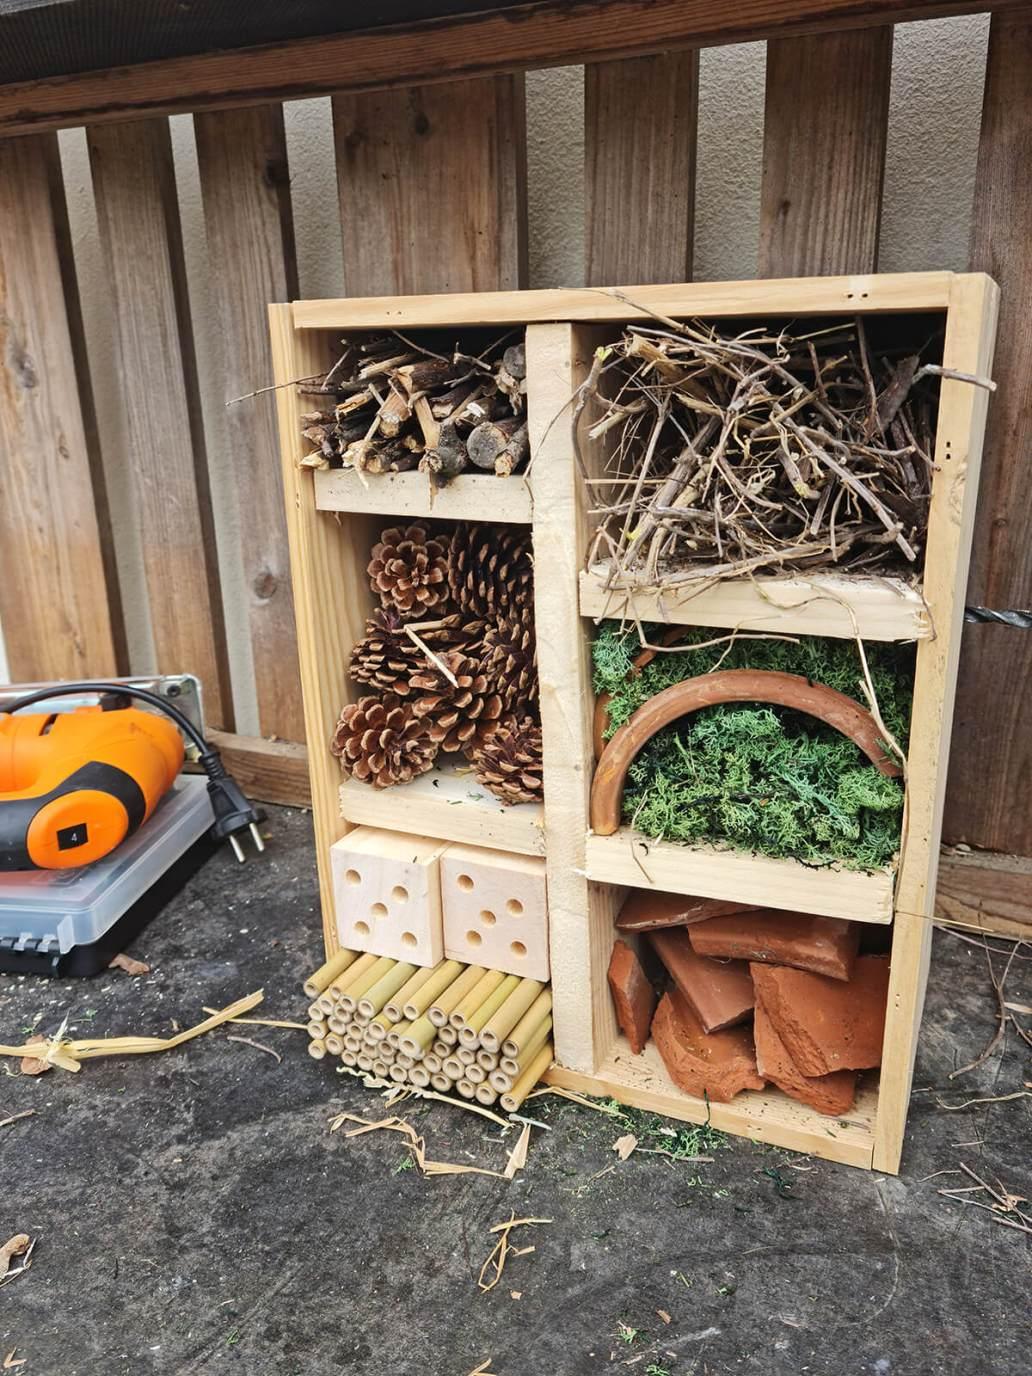 20210520 173148 - DIY jardin : construire un hôtel à insectes avec une caisse à vin